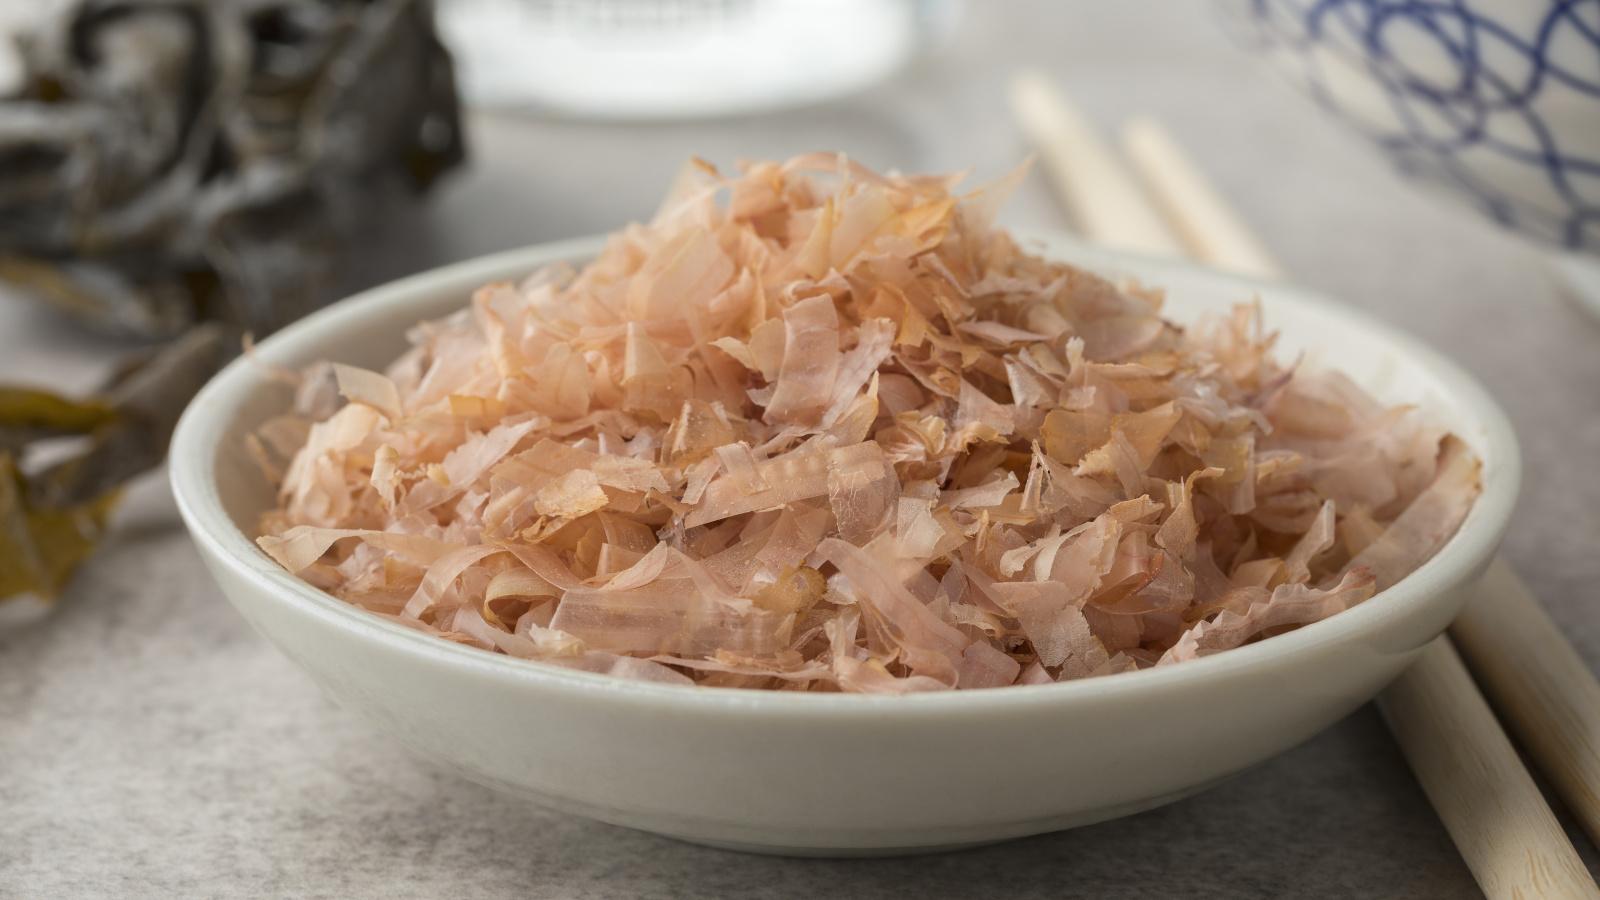 The magic ingredient for Yaki Udon, Japanese Bonito flakes